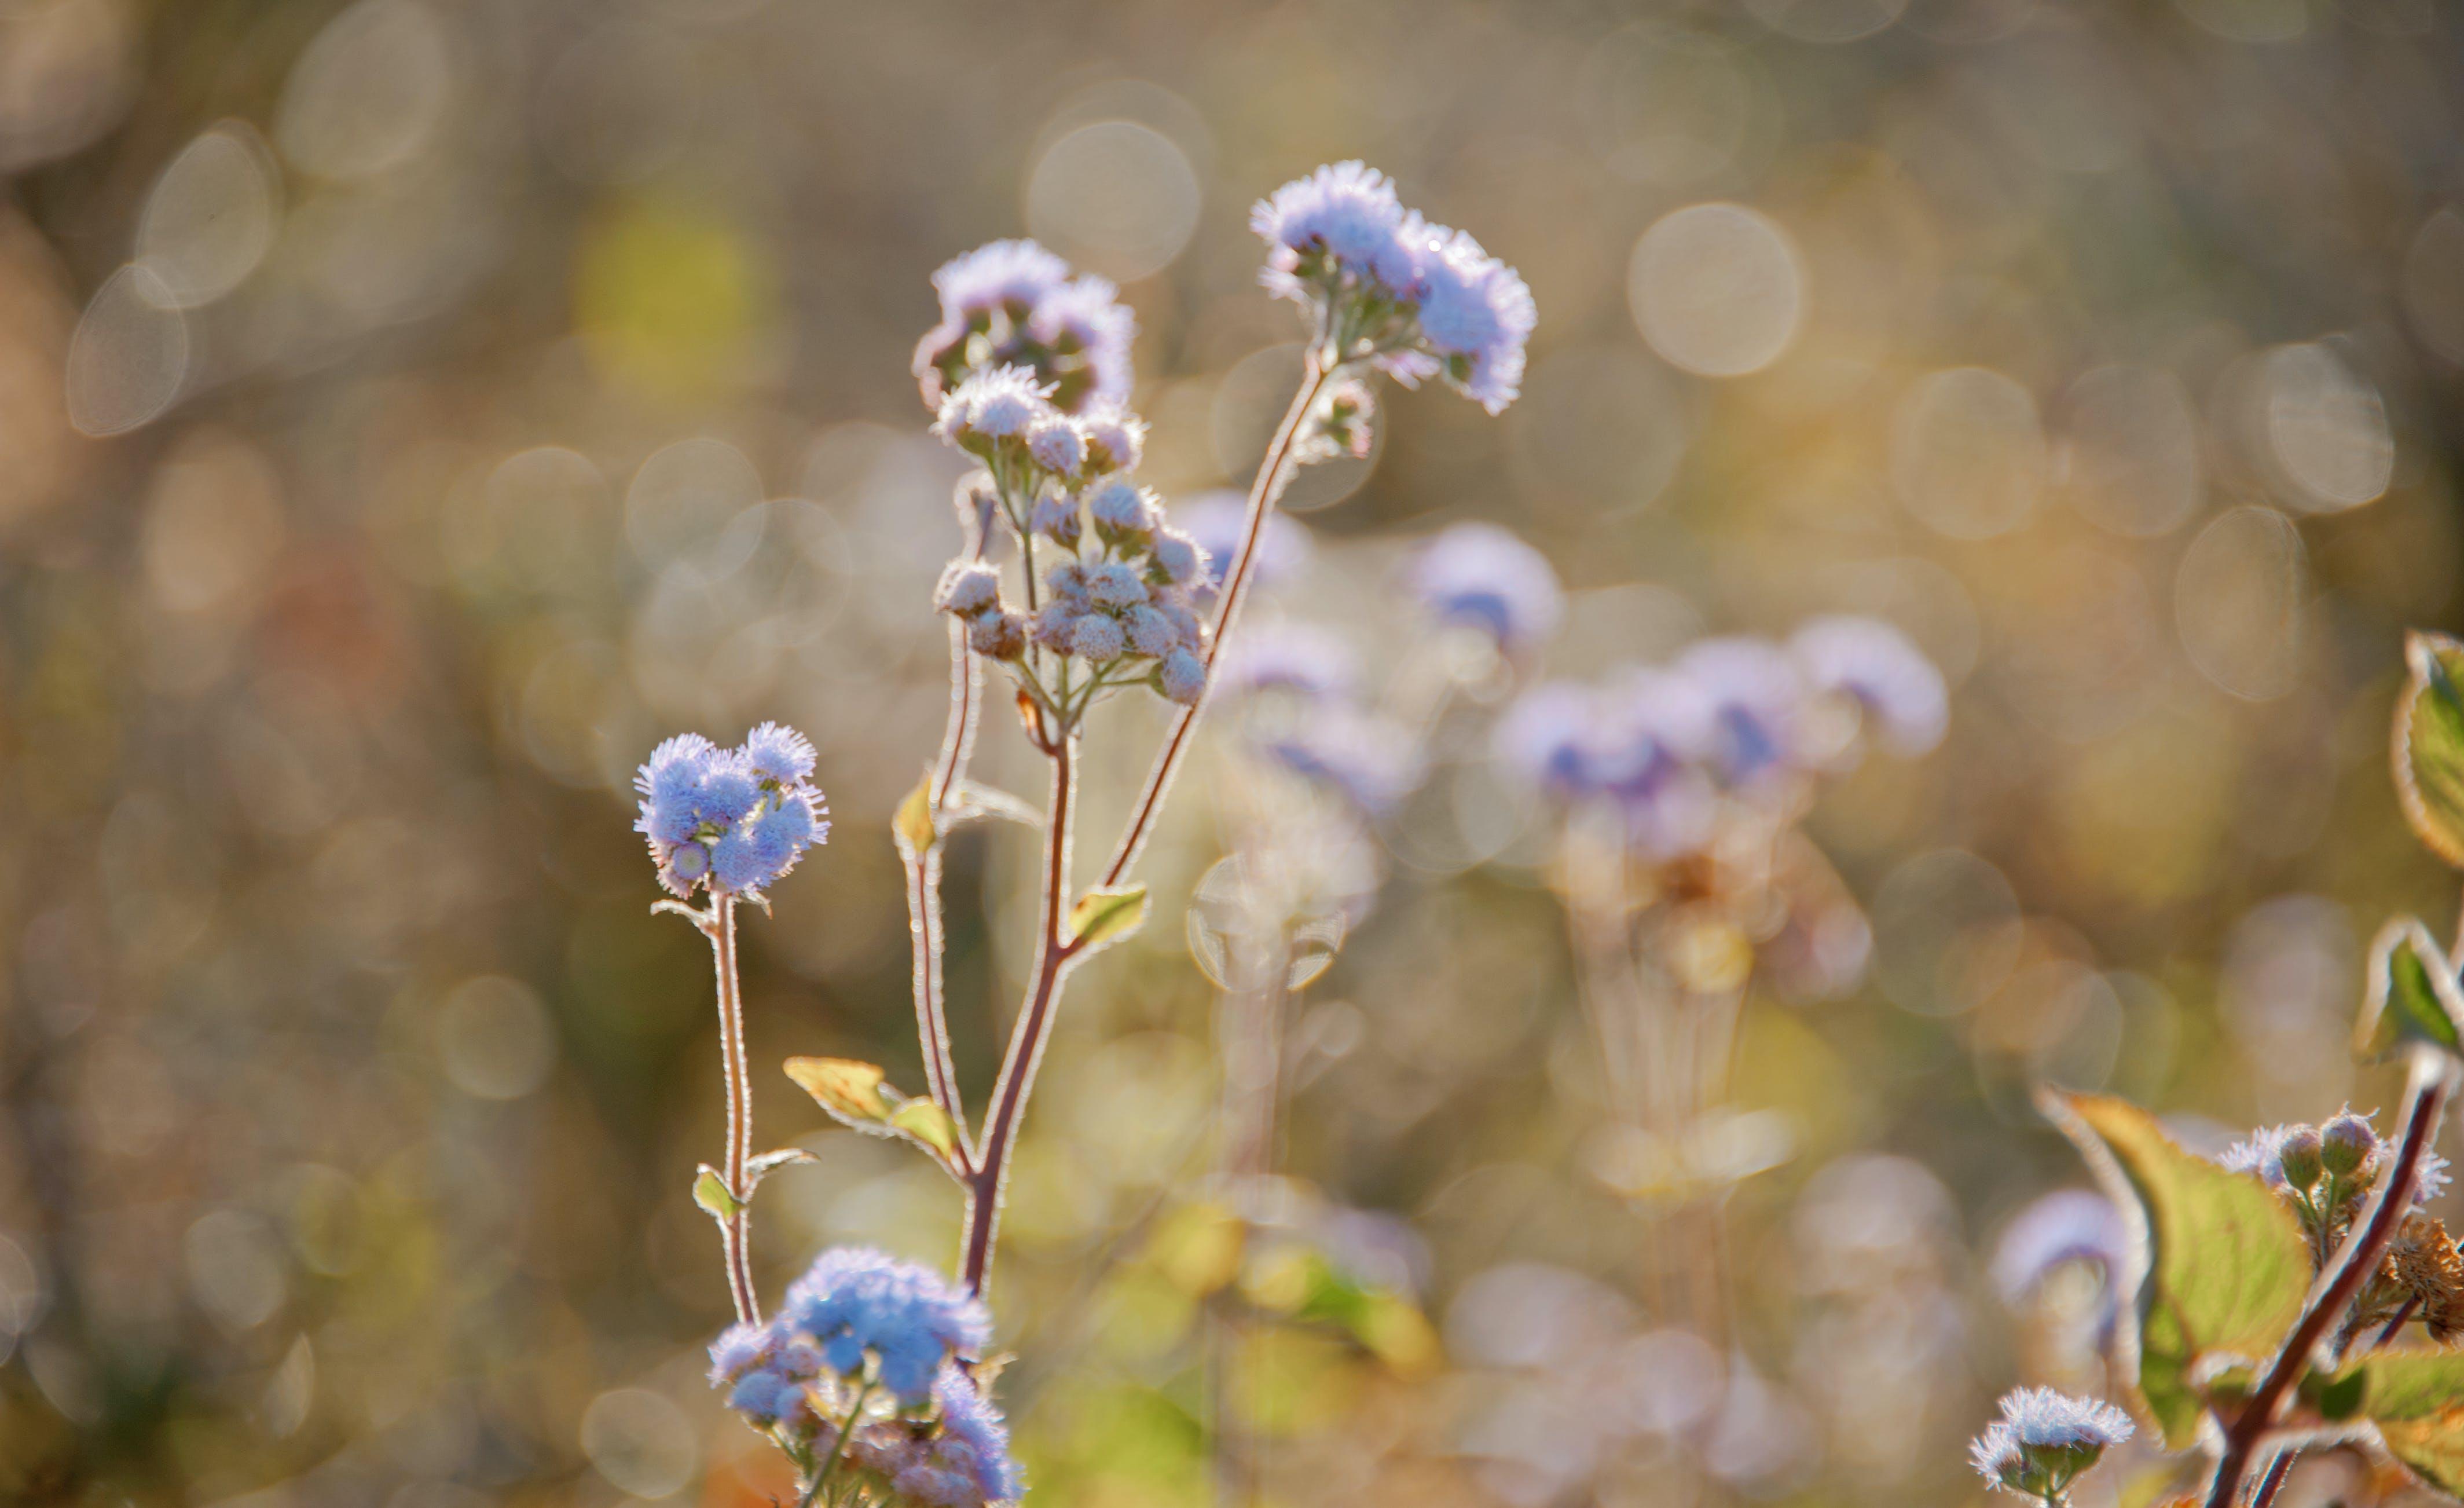 가지, 계절, 공원, 꽃의 무료 스톡 사진